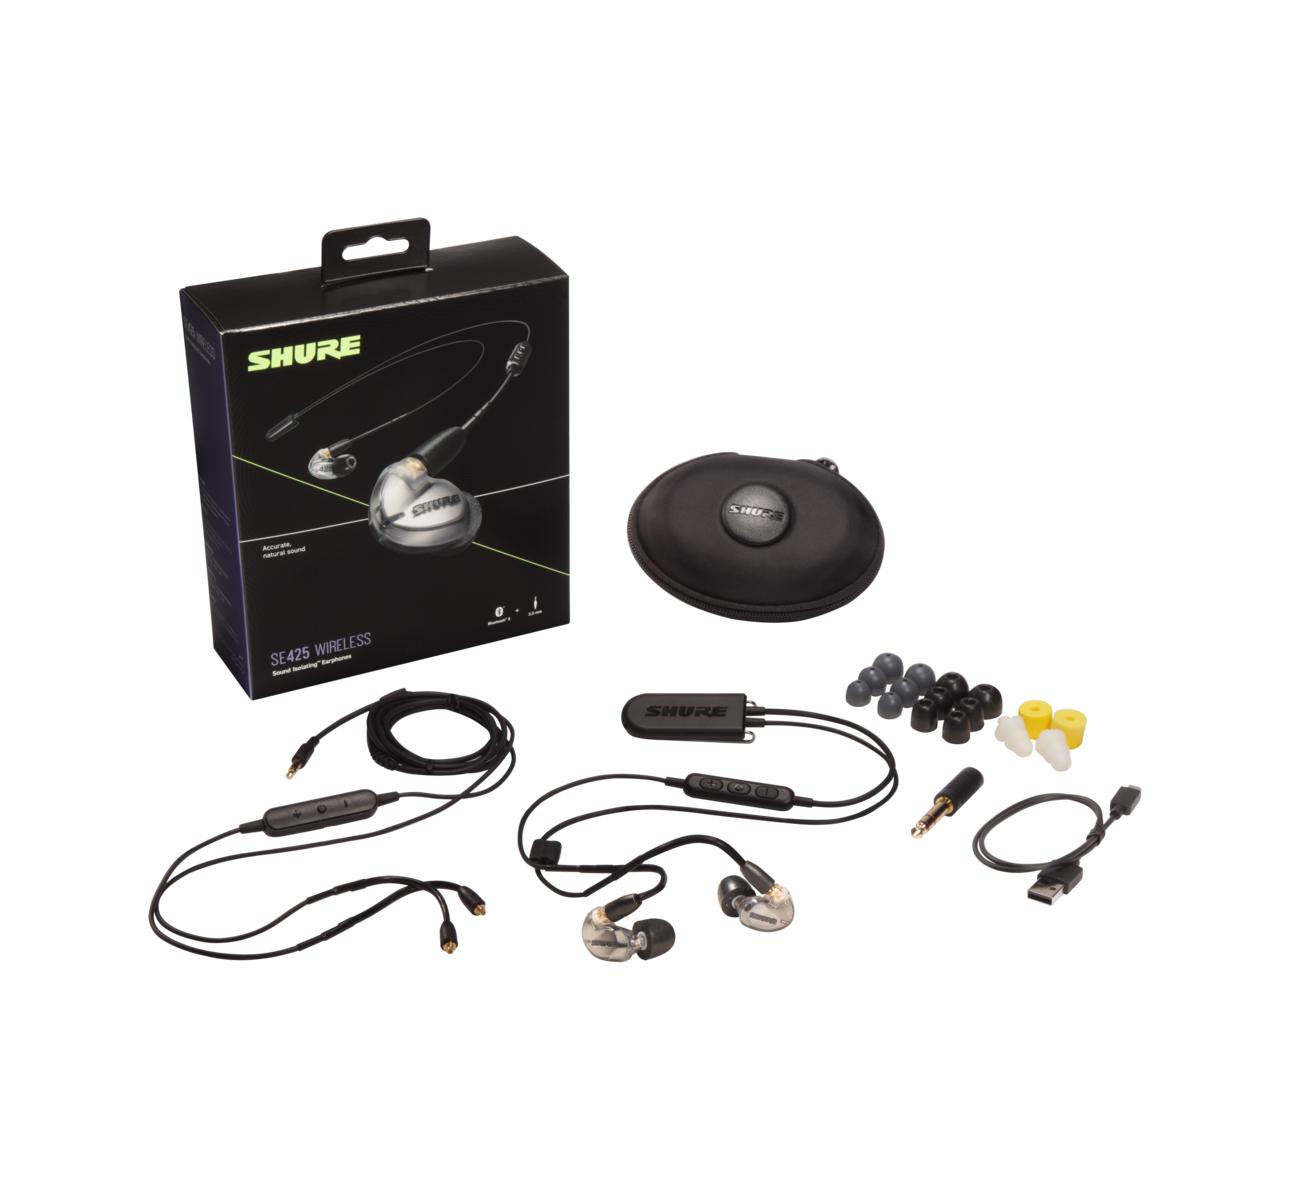 Shure Online Shop: SE425 (und SE215) günstig inkl. Bluetooth Modul